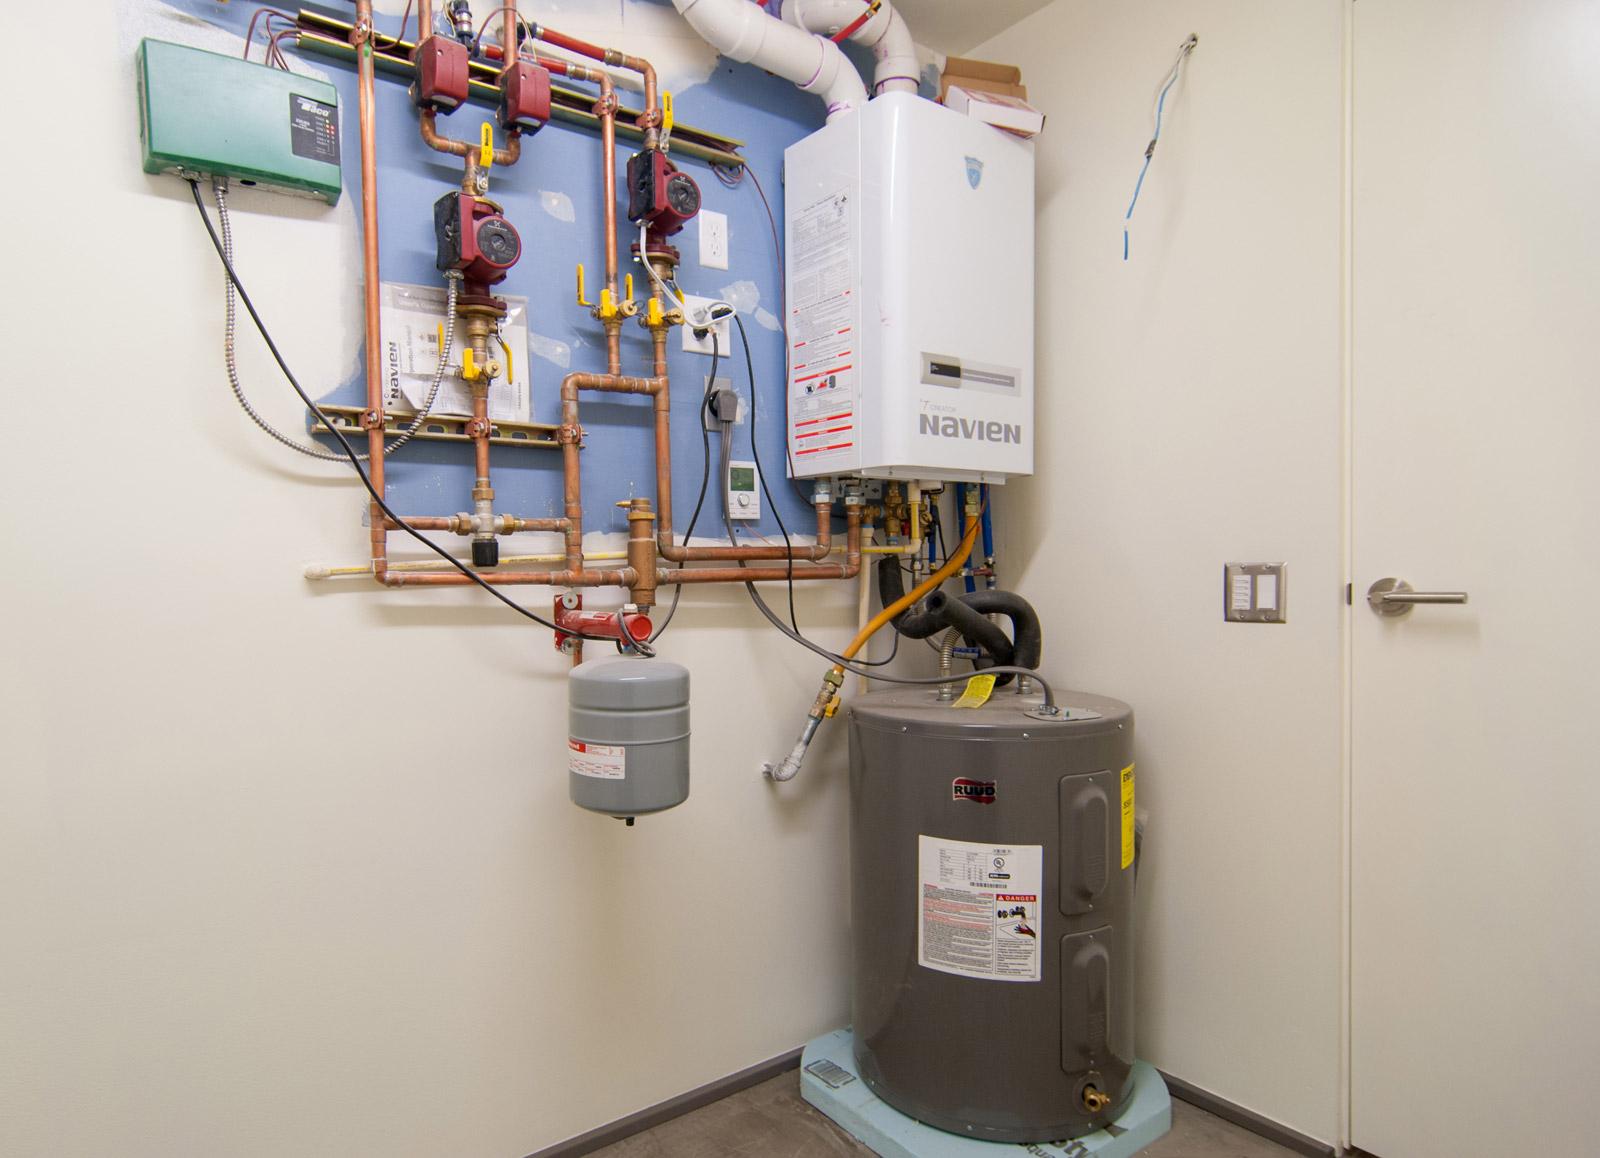 underfloor heating wiring diagram combi boiler 2008 mazda 3 belt is radiant in floor heat right for your home build blog